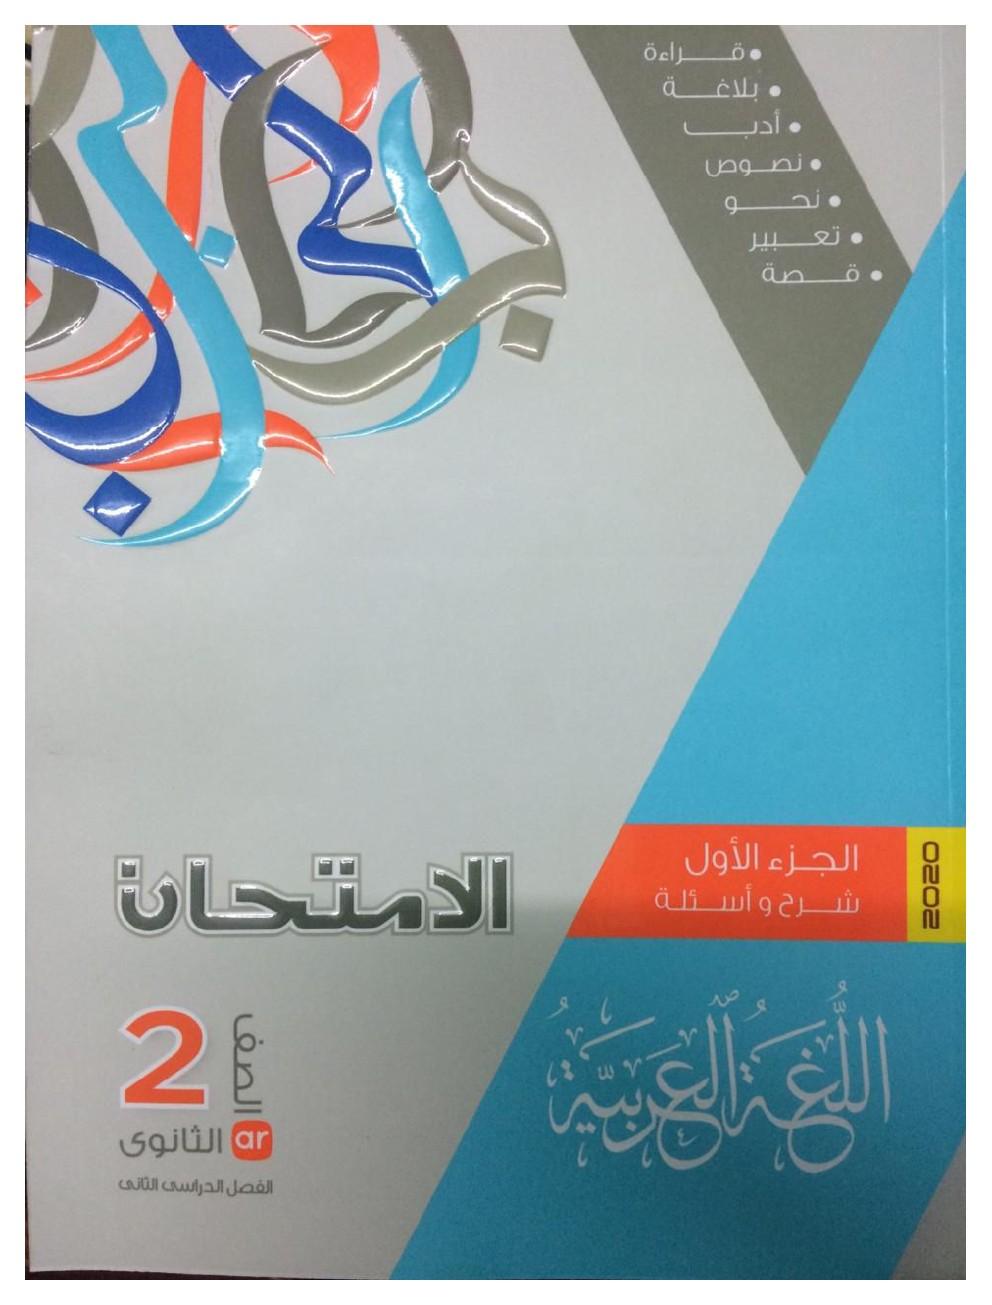 تحميل كتاب الامتحان فى اللغة العربية للصف الثانى الثانوى 2020 pdf الترم الثانى